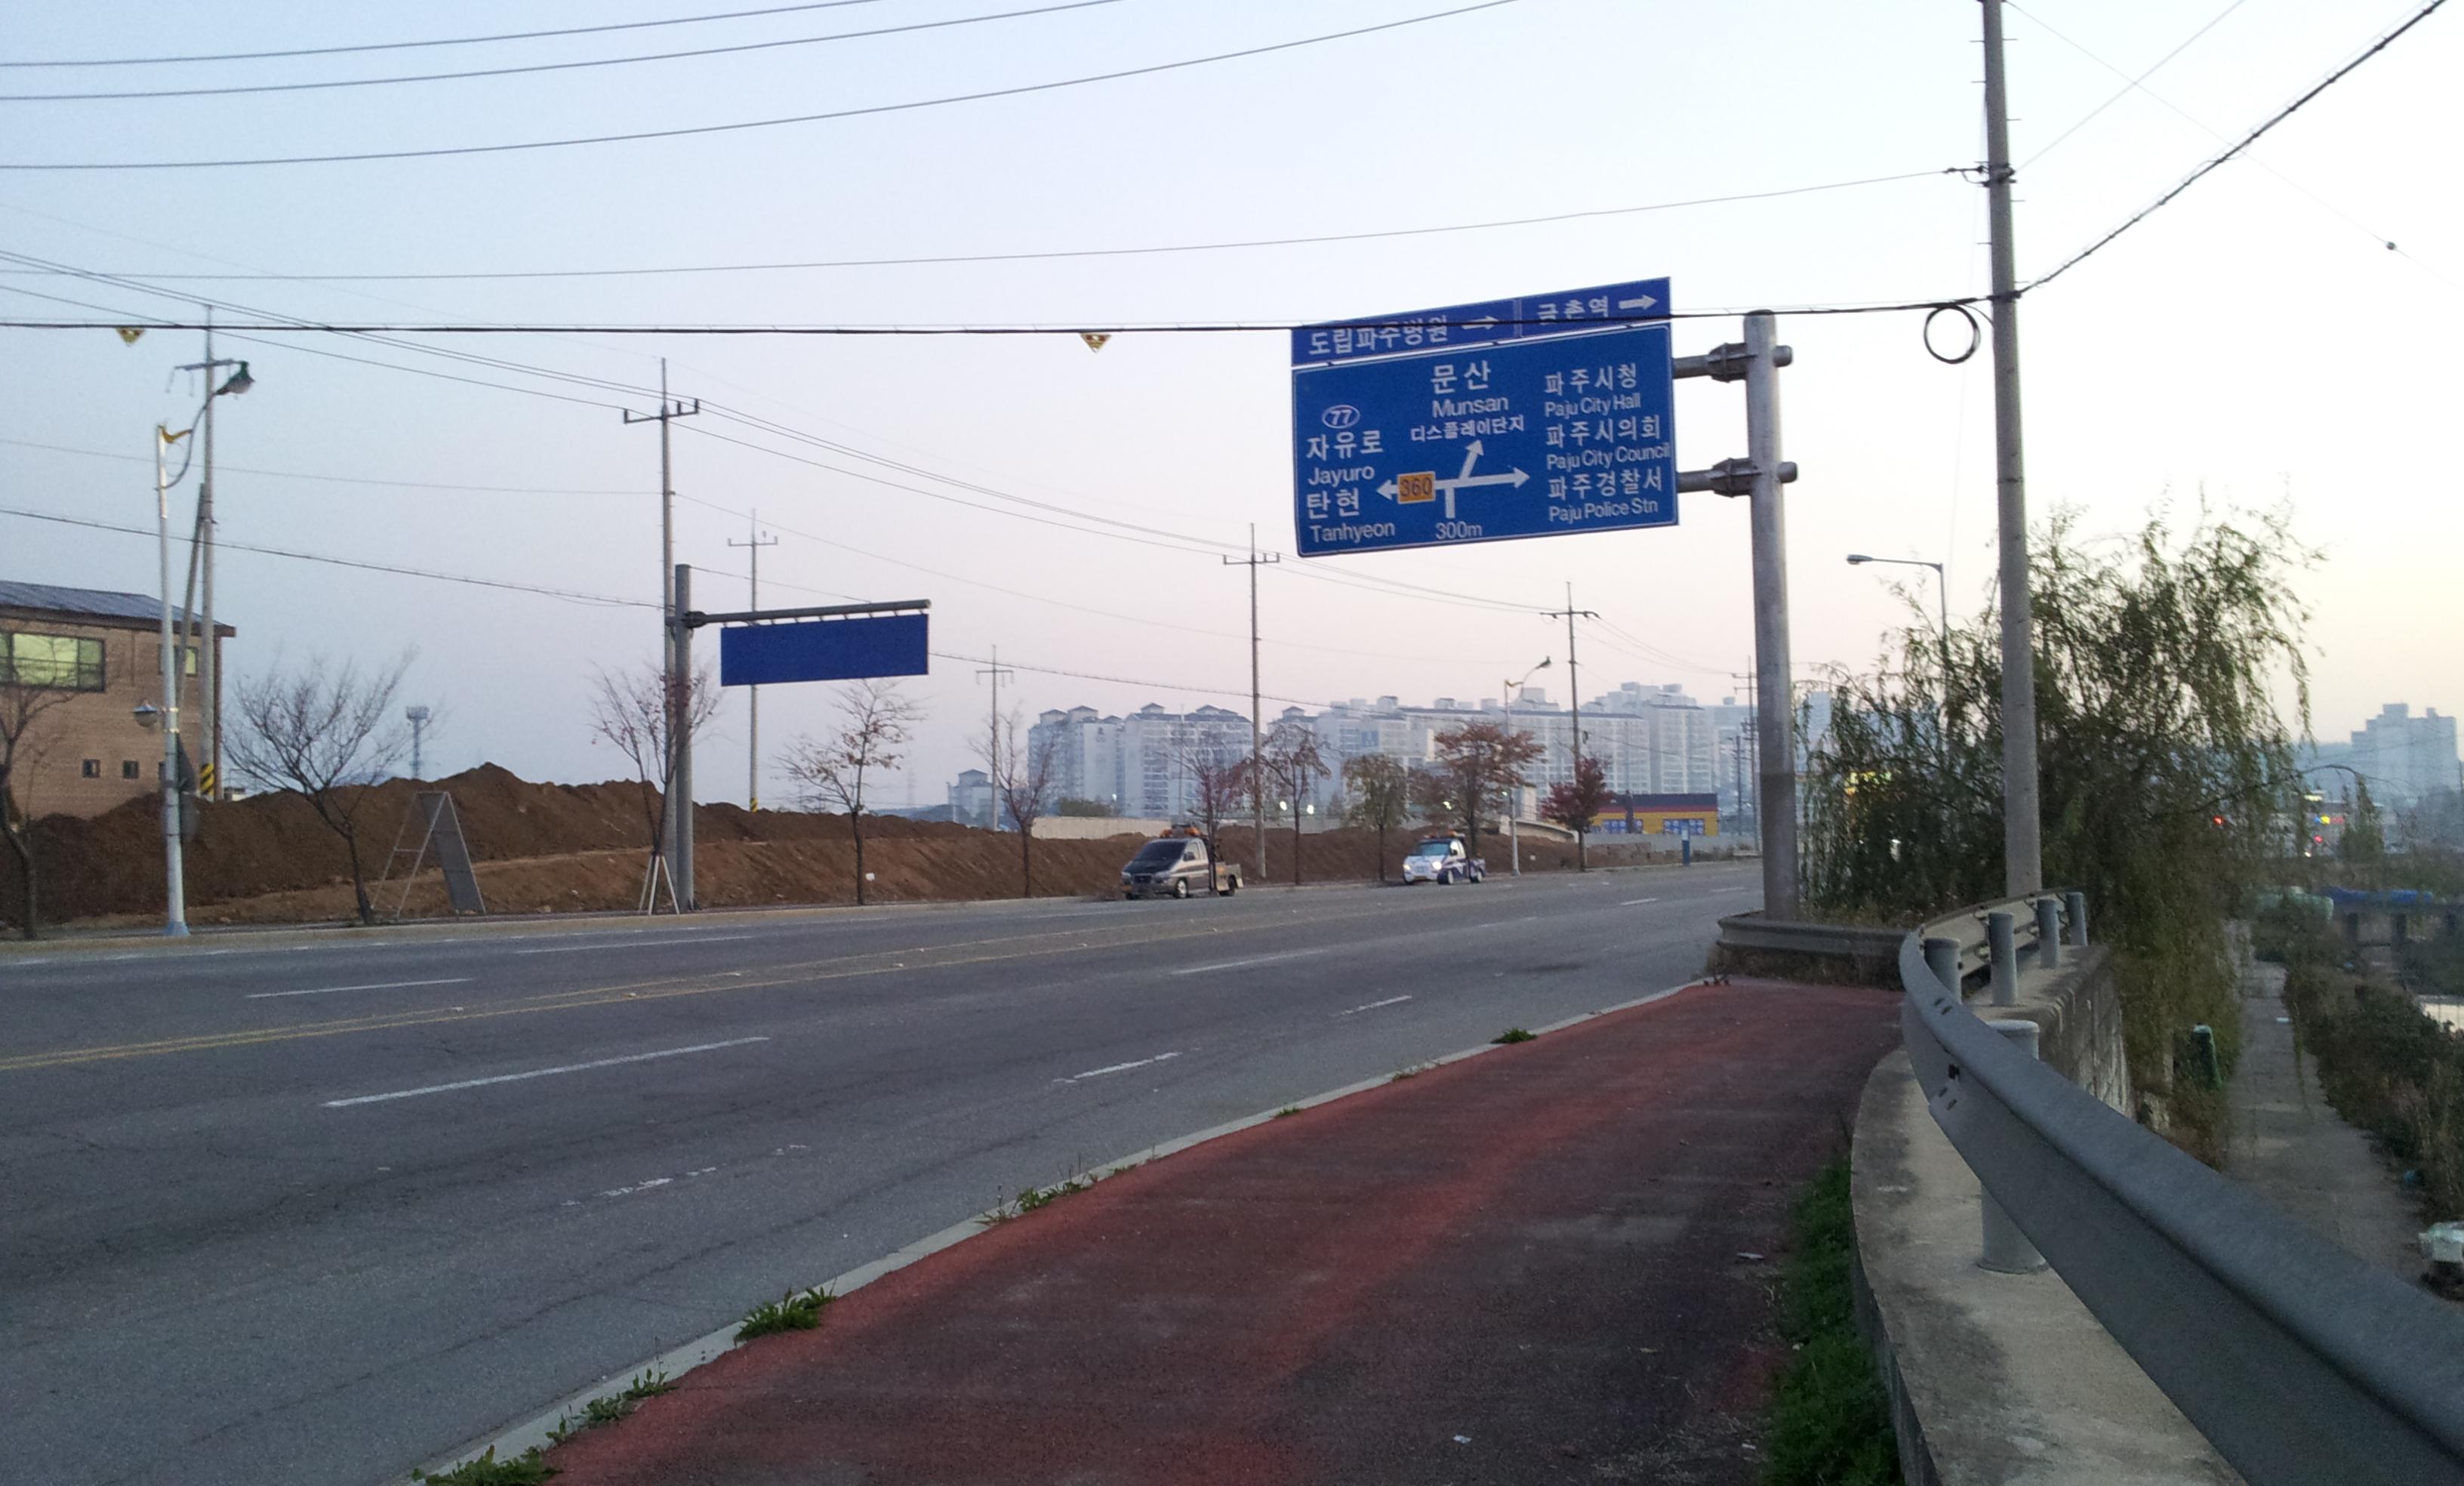 20121103_064928.jpg